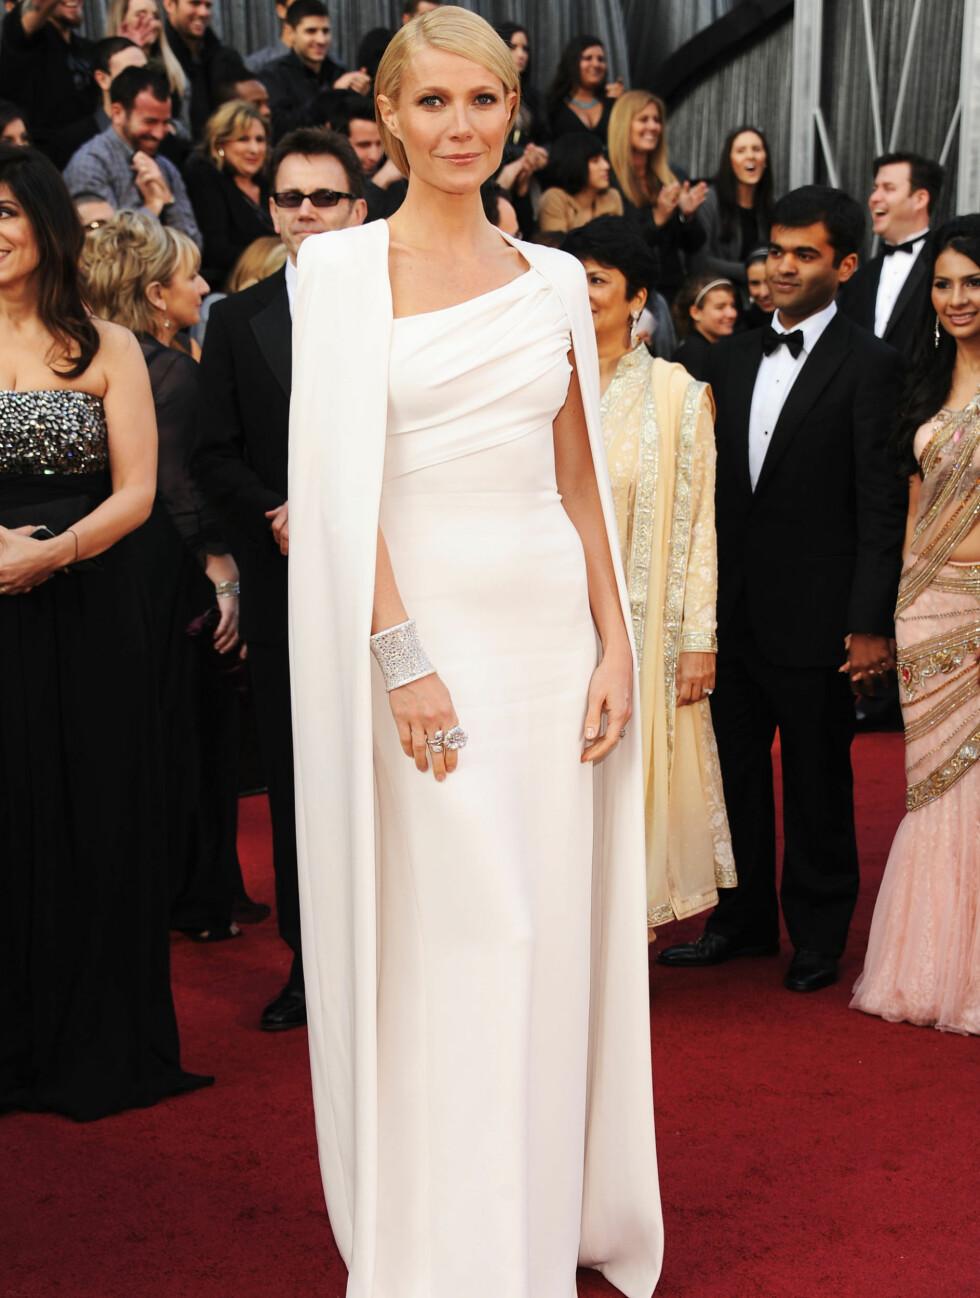 KJOLEFAVORITT: Gwyneth Paltrow kom i en stilren, hvit kjole fra Tom Ford og blir allerede hyllet som en av kveldens best kledde.  Foto: All Over Press